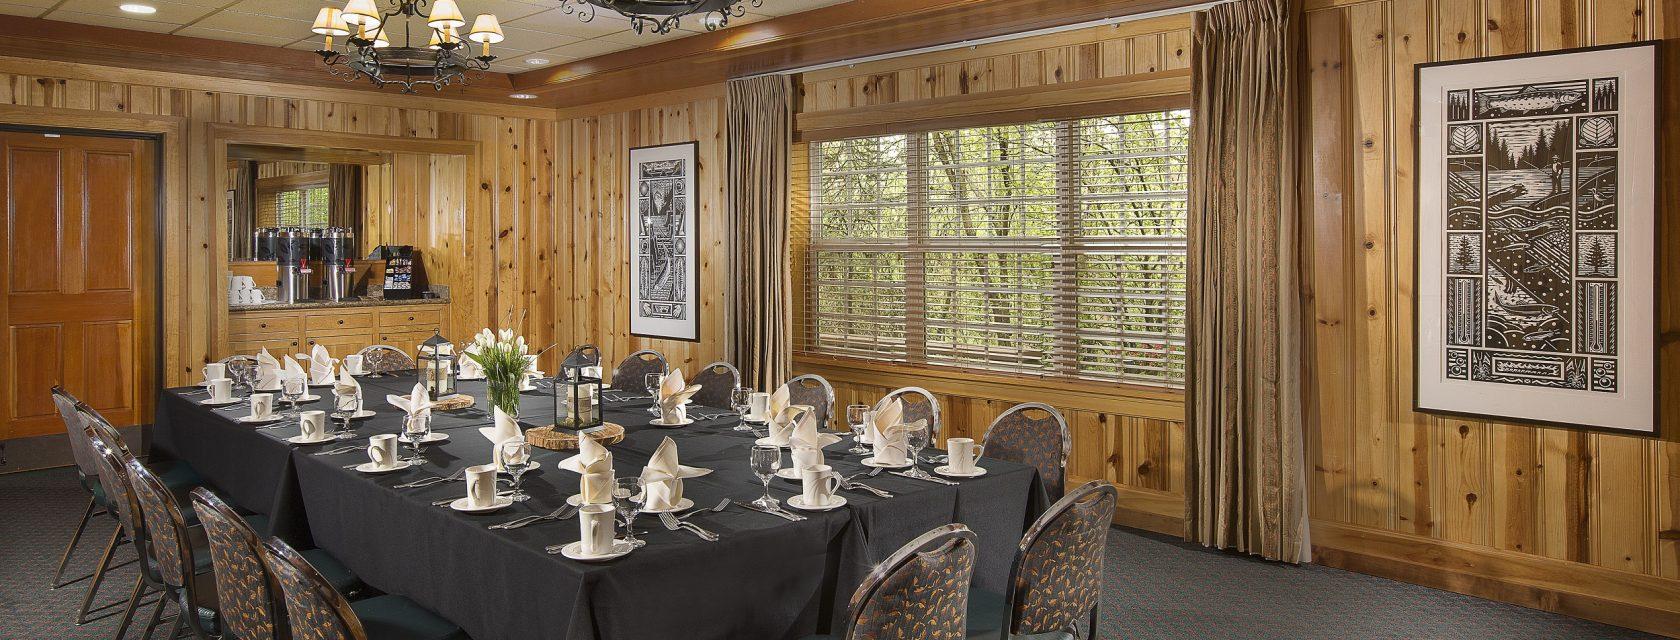 Heathman Meeting Room Menus